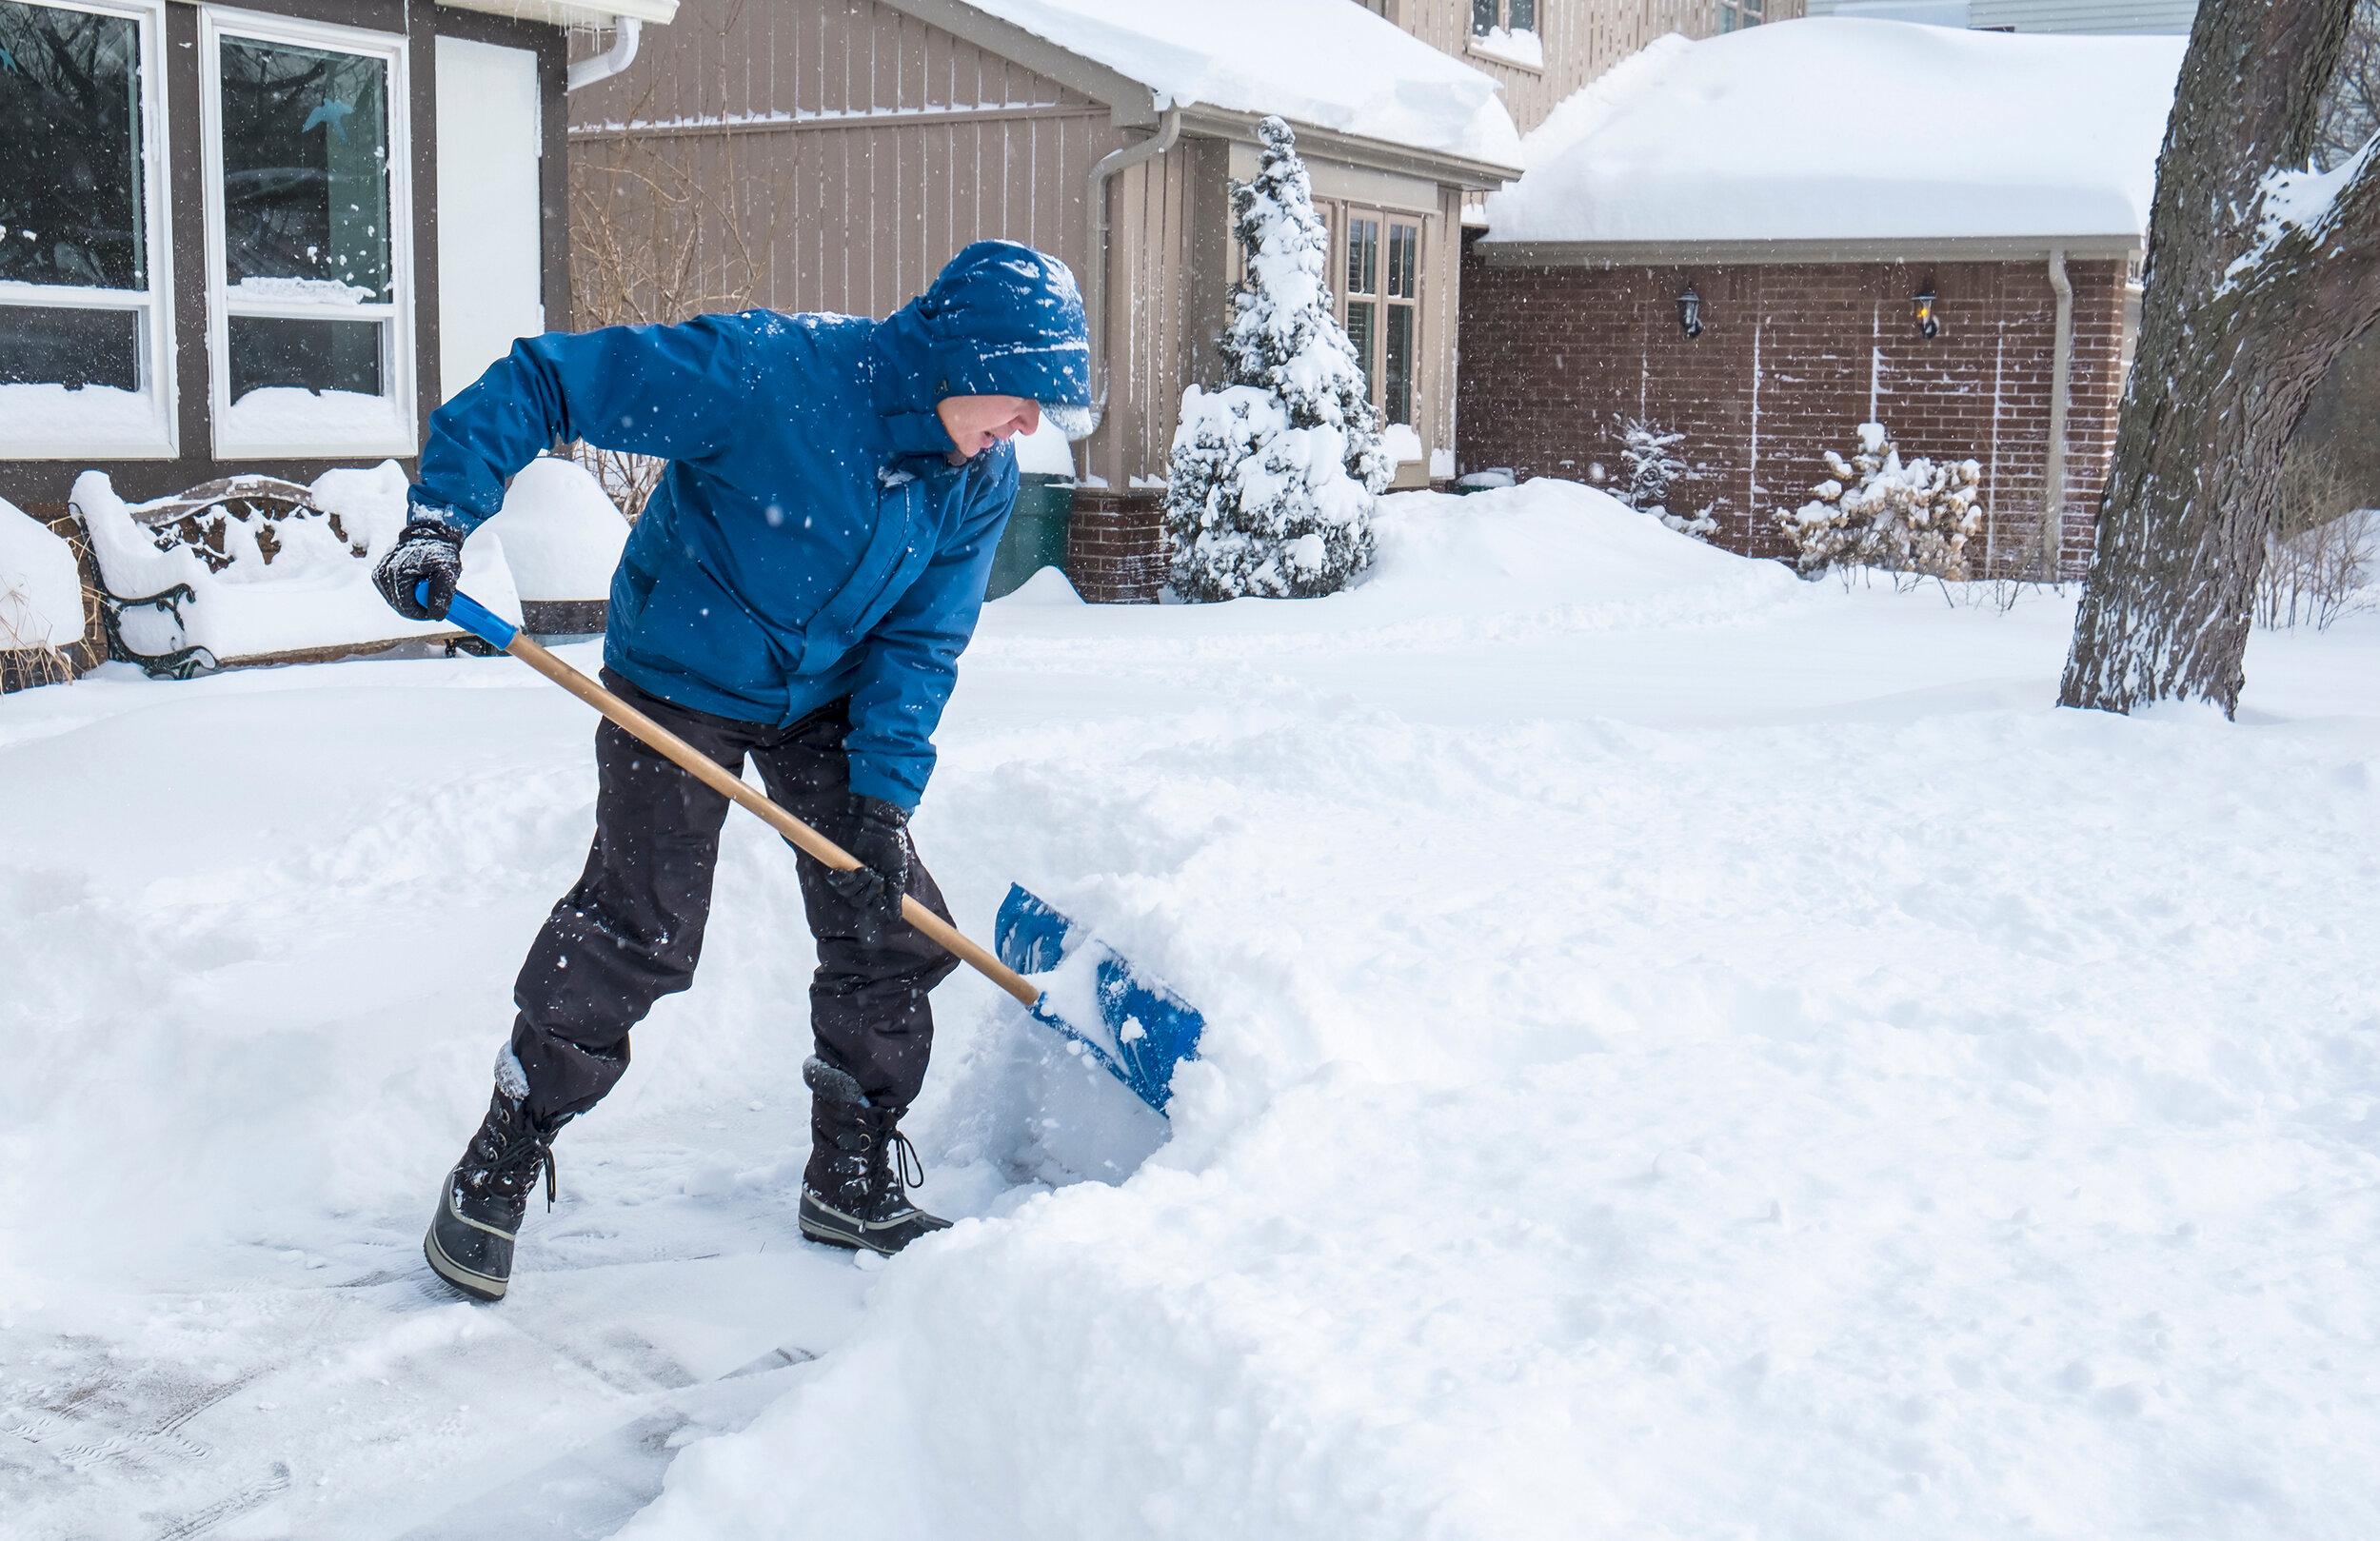 The 10 Best Snow Shovels